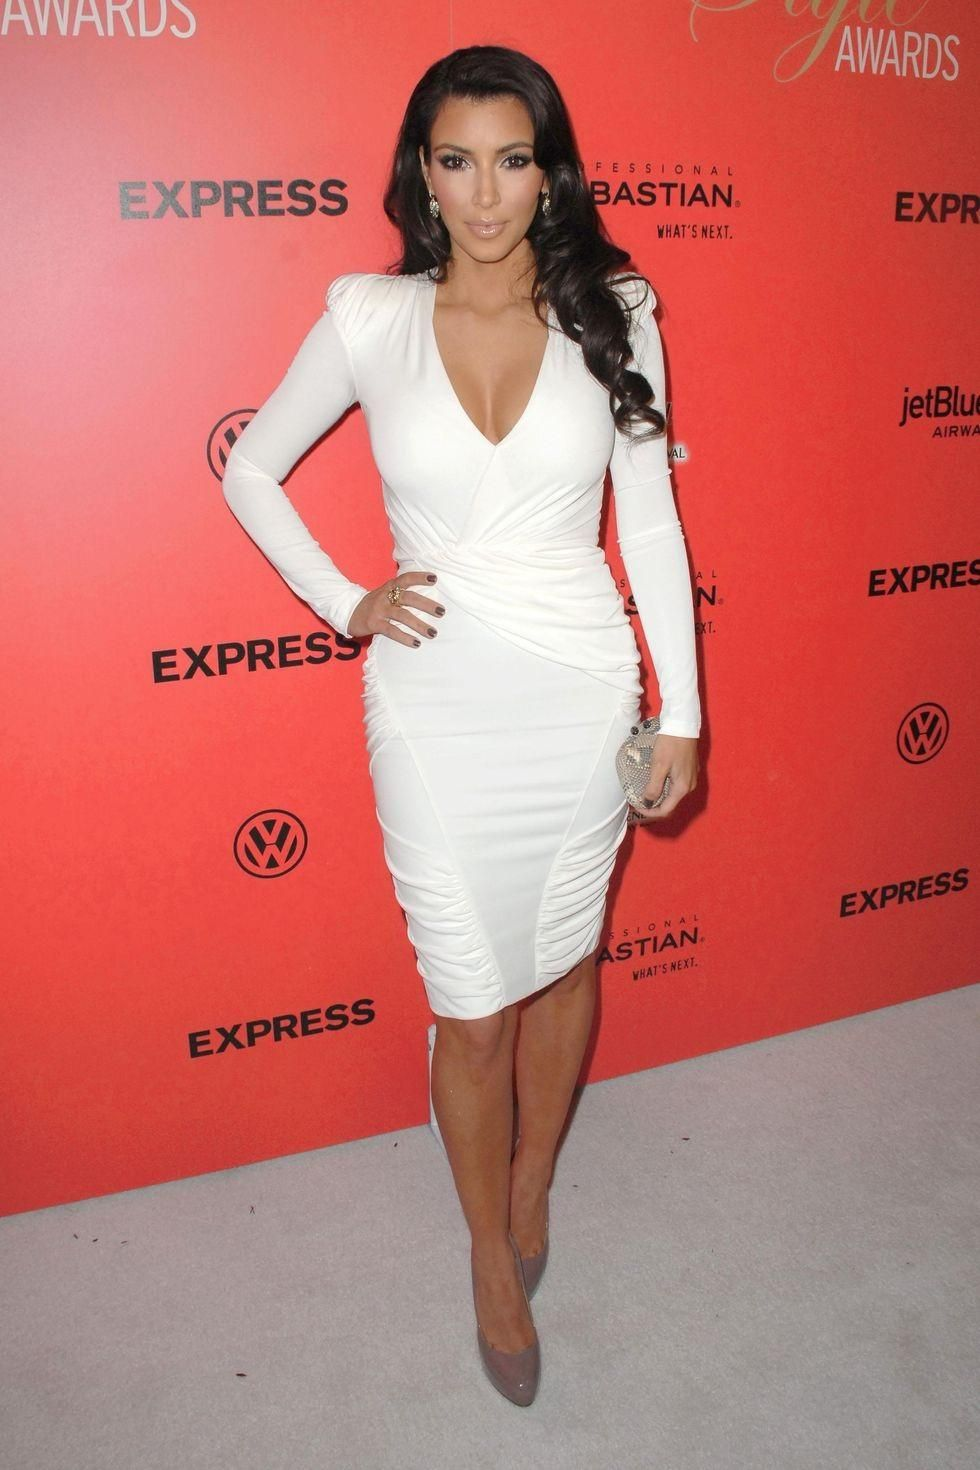 kim-kardashian-in-body-hugging-white-dress-at-hollywood-style-awards ...